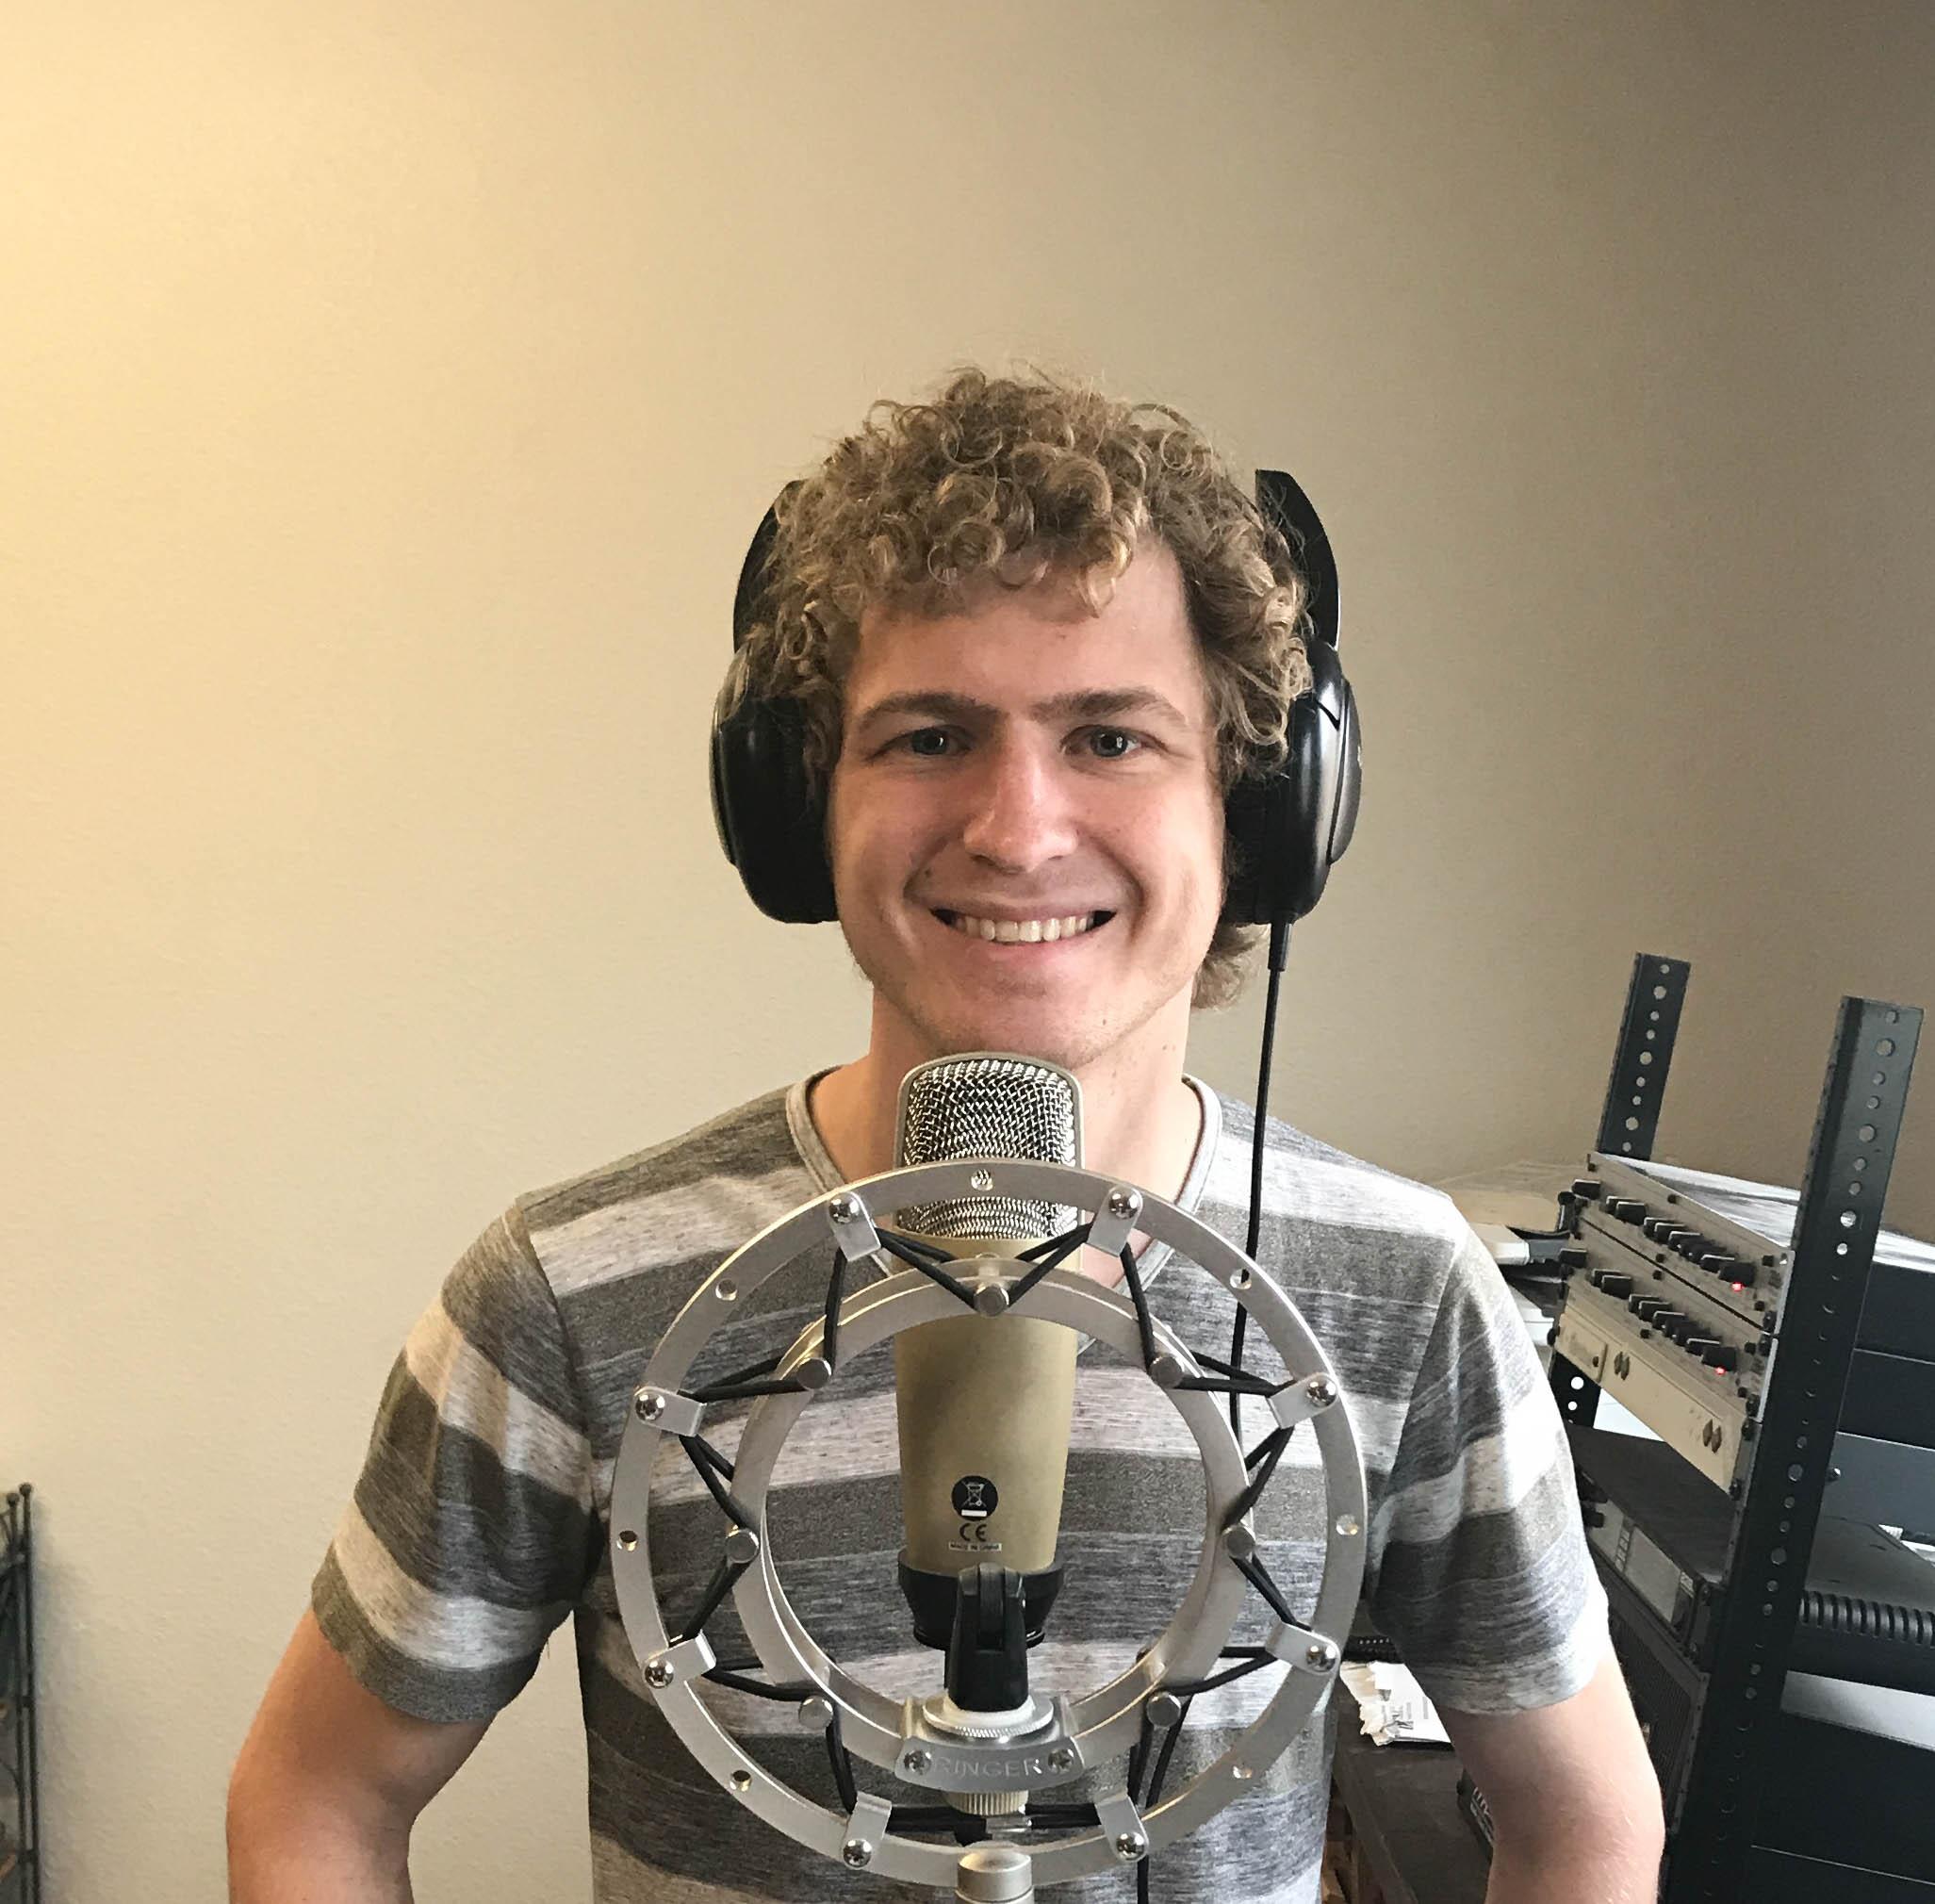 Abram Neumann - Show host